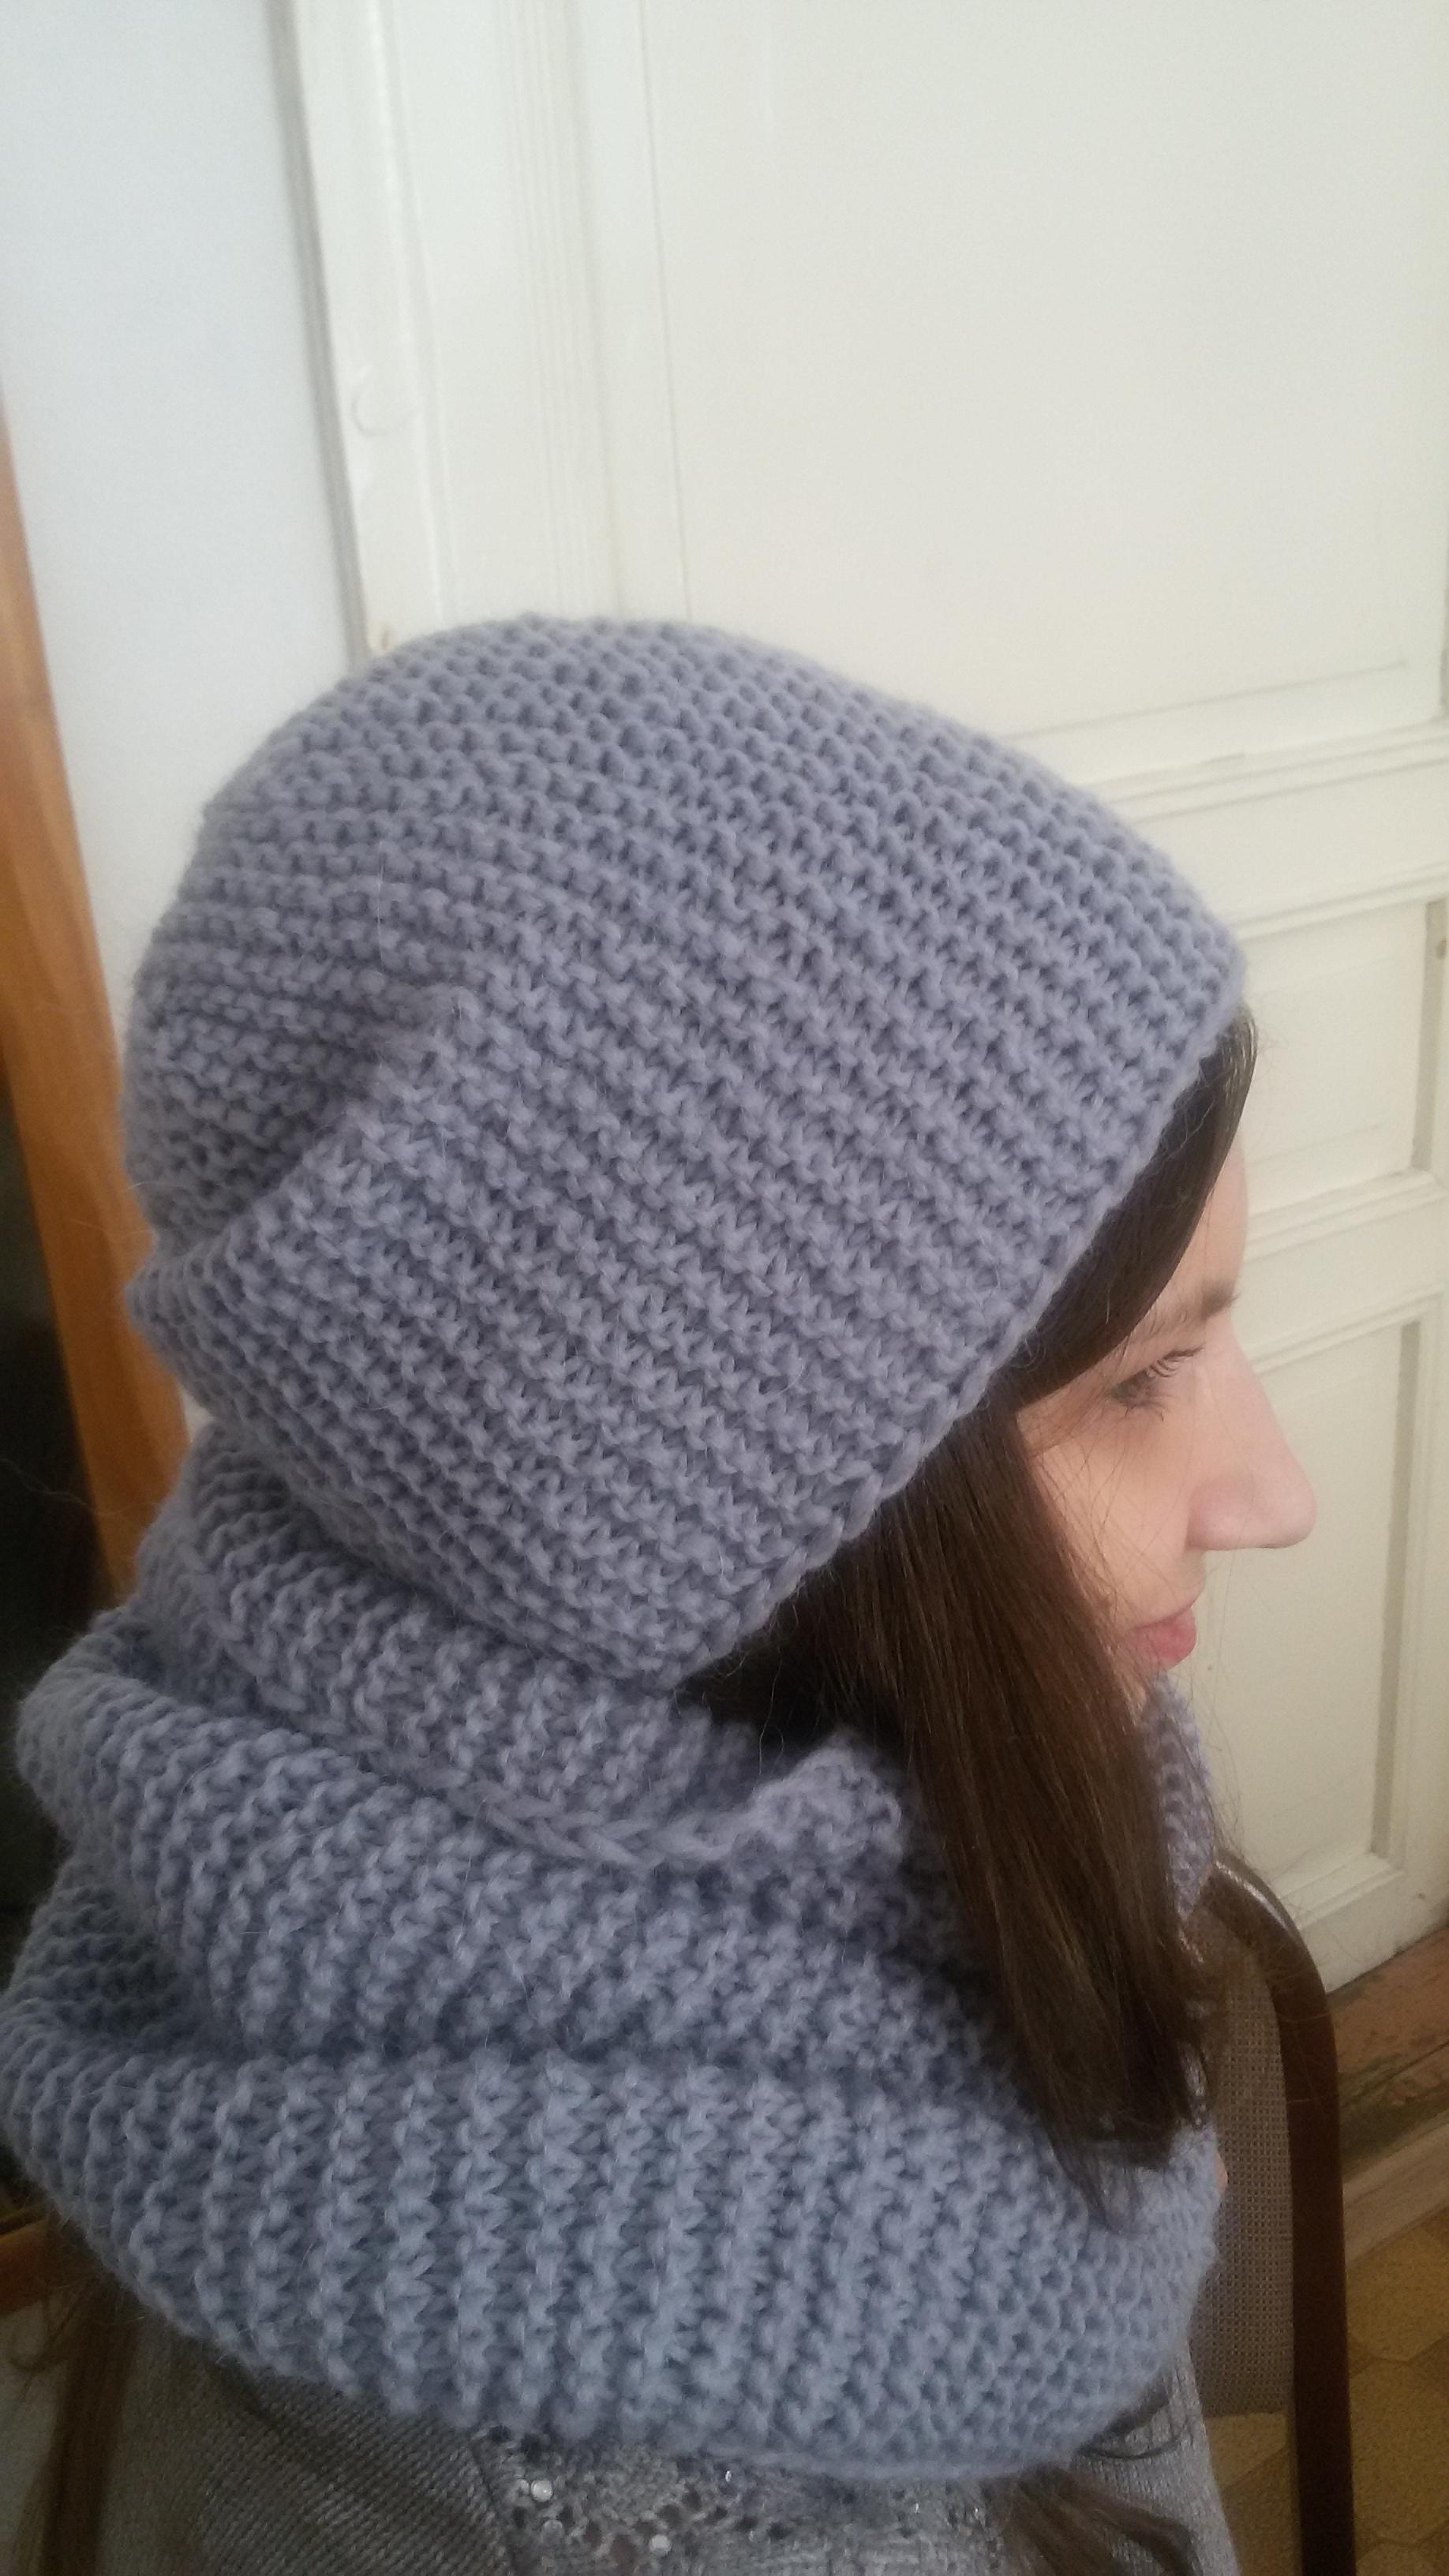 шапка бини снуд спицами запись пользователя Olga ольга в